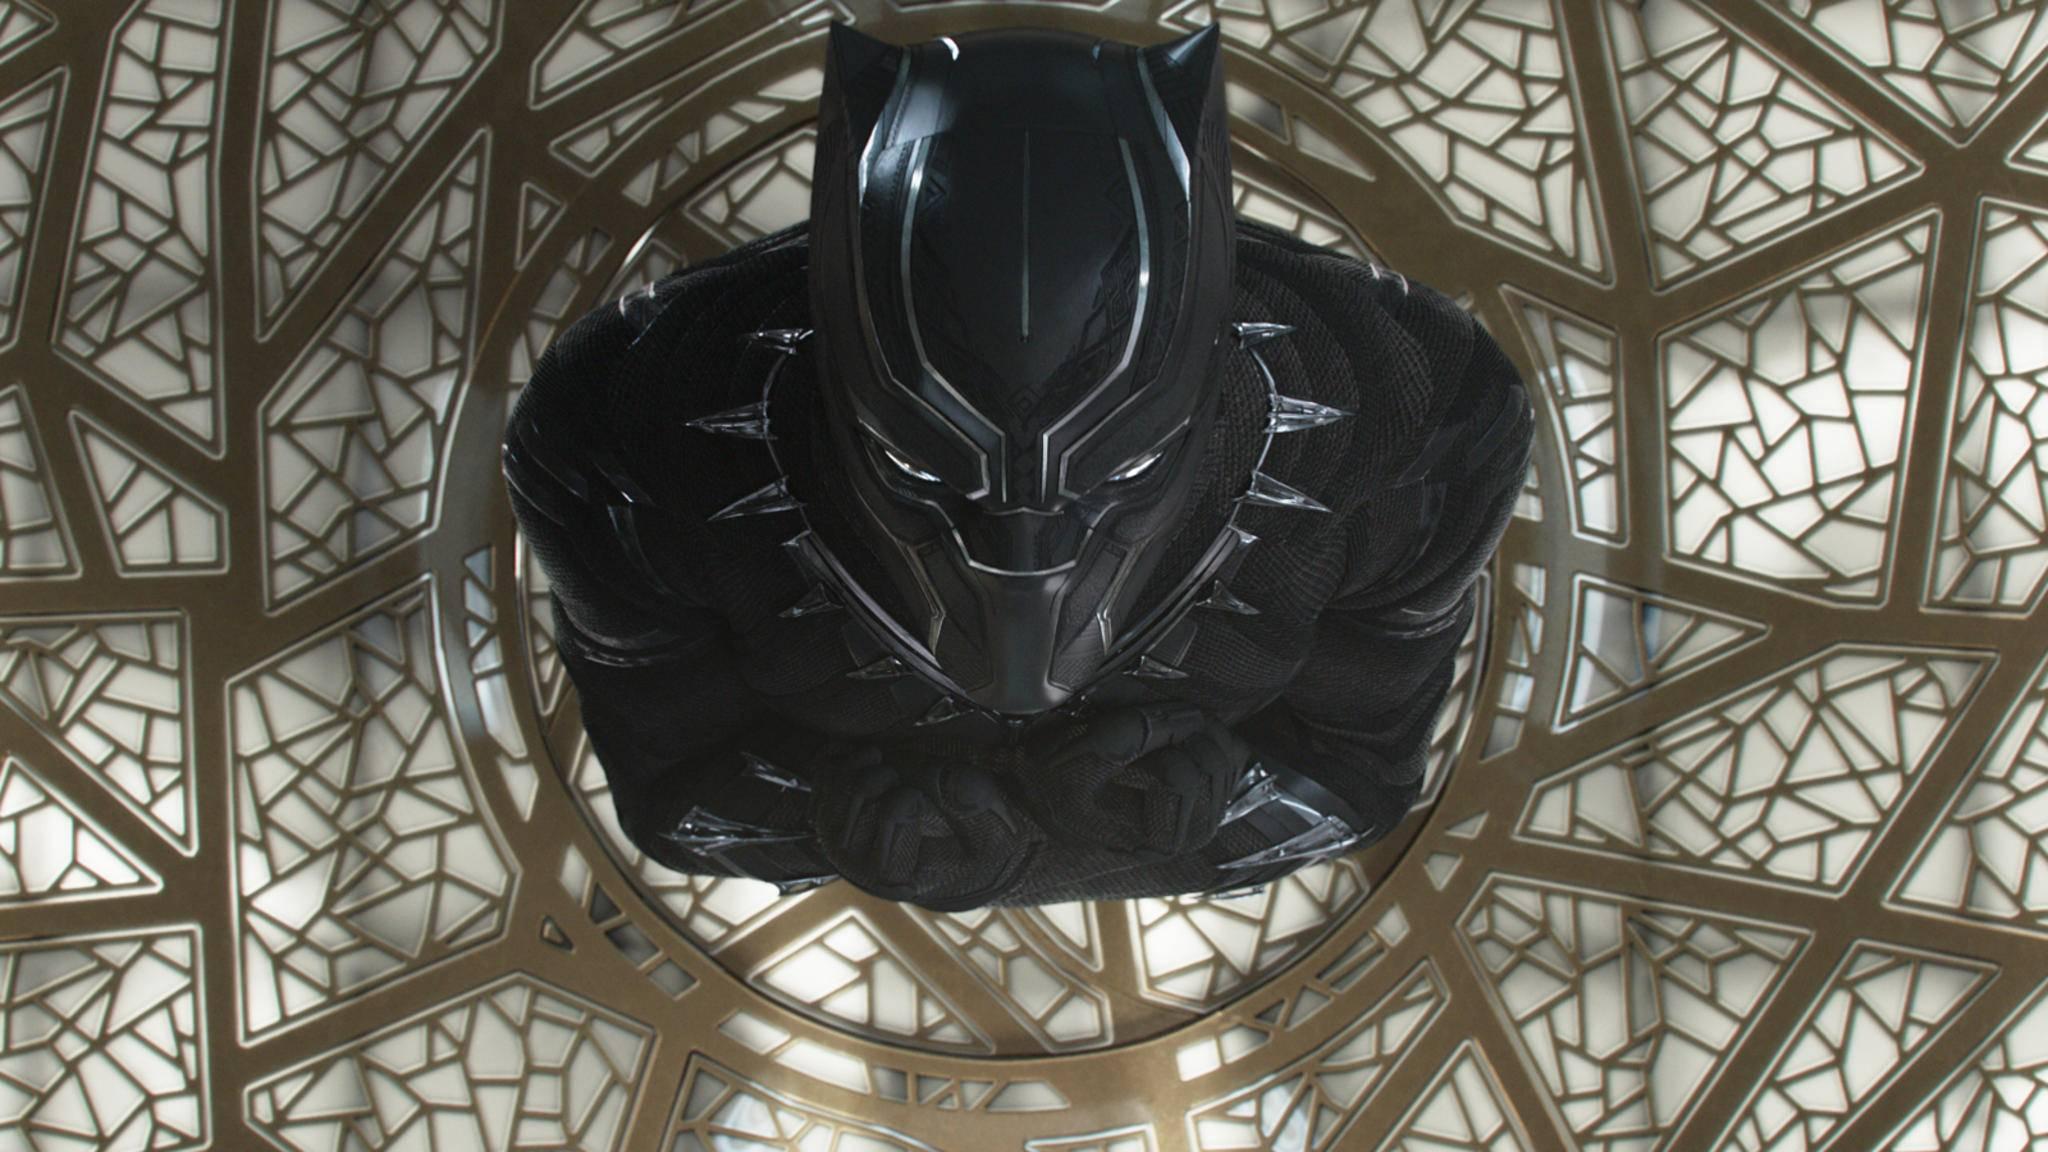 """Typisch Marvel: Auch in """"Black Panther"""" haben die Filmemacher wieder jede Menge Easter Eggs versteckt."""